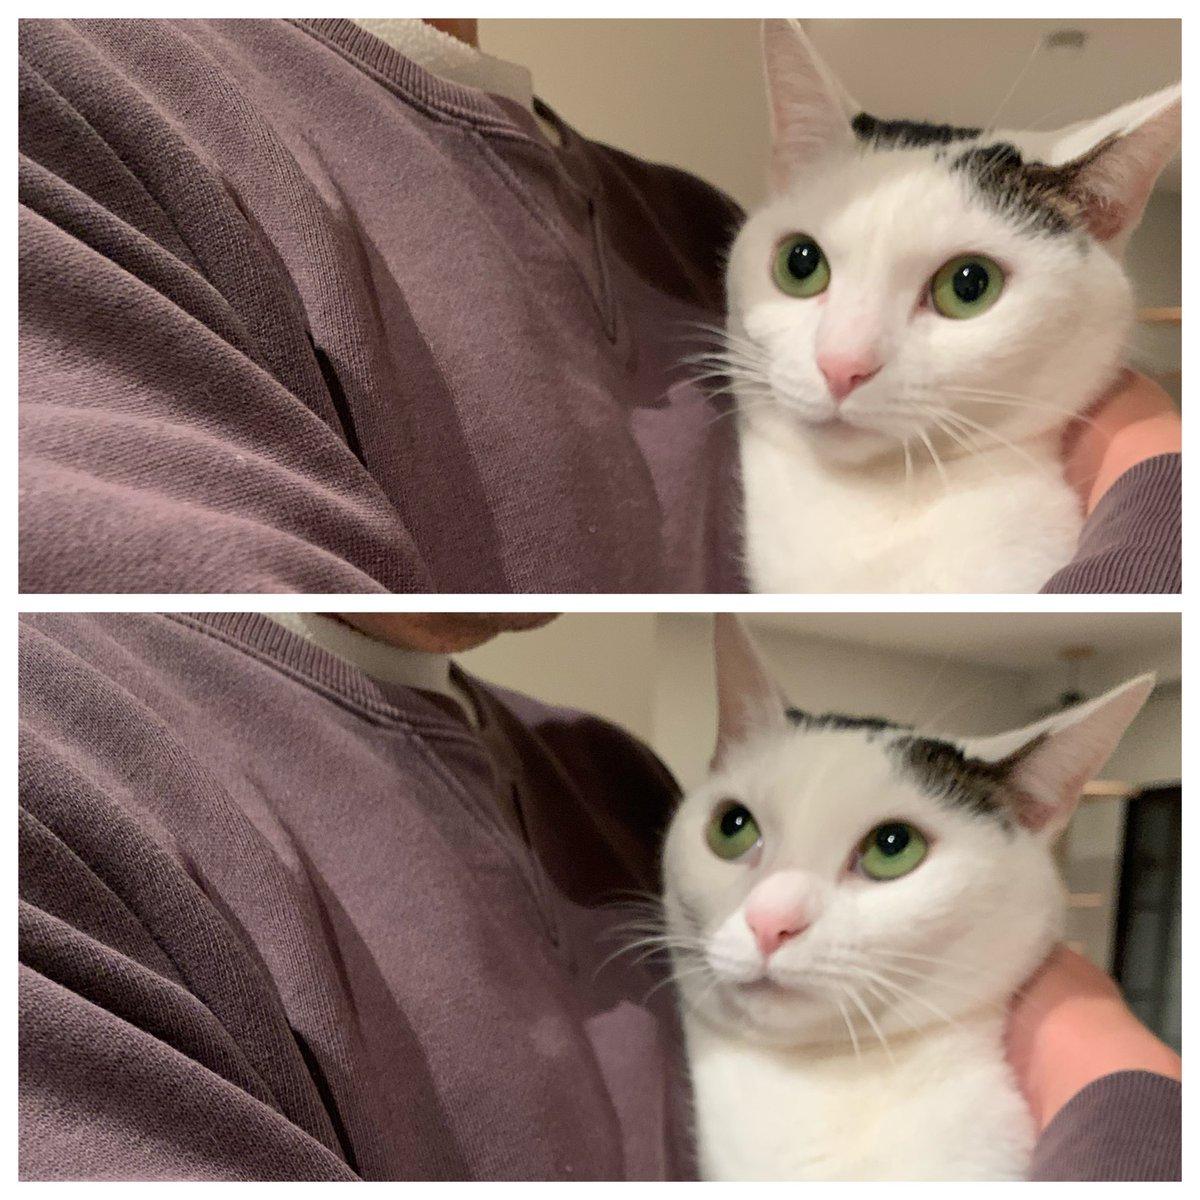 耐える猫と大騒ぎする猫#週末恒例おとうさんのしつこいだっこ #外出自粛 のしわ寄せ